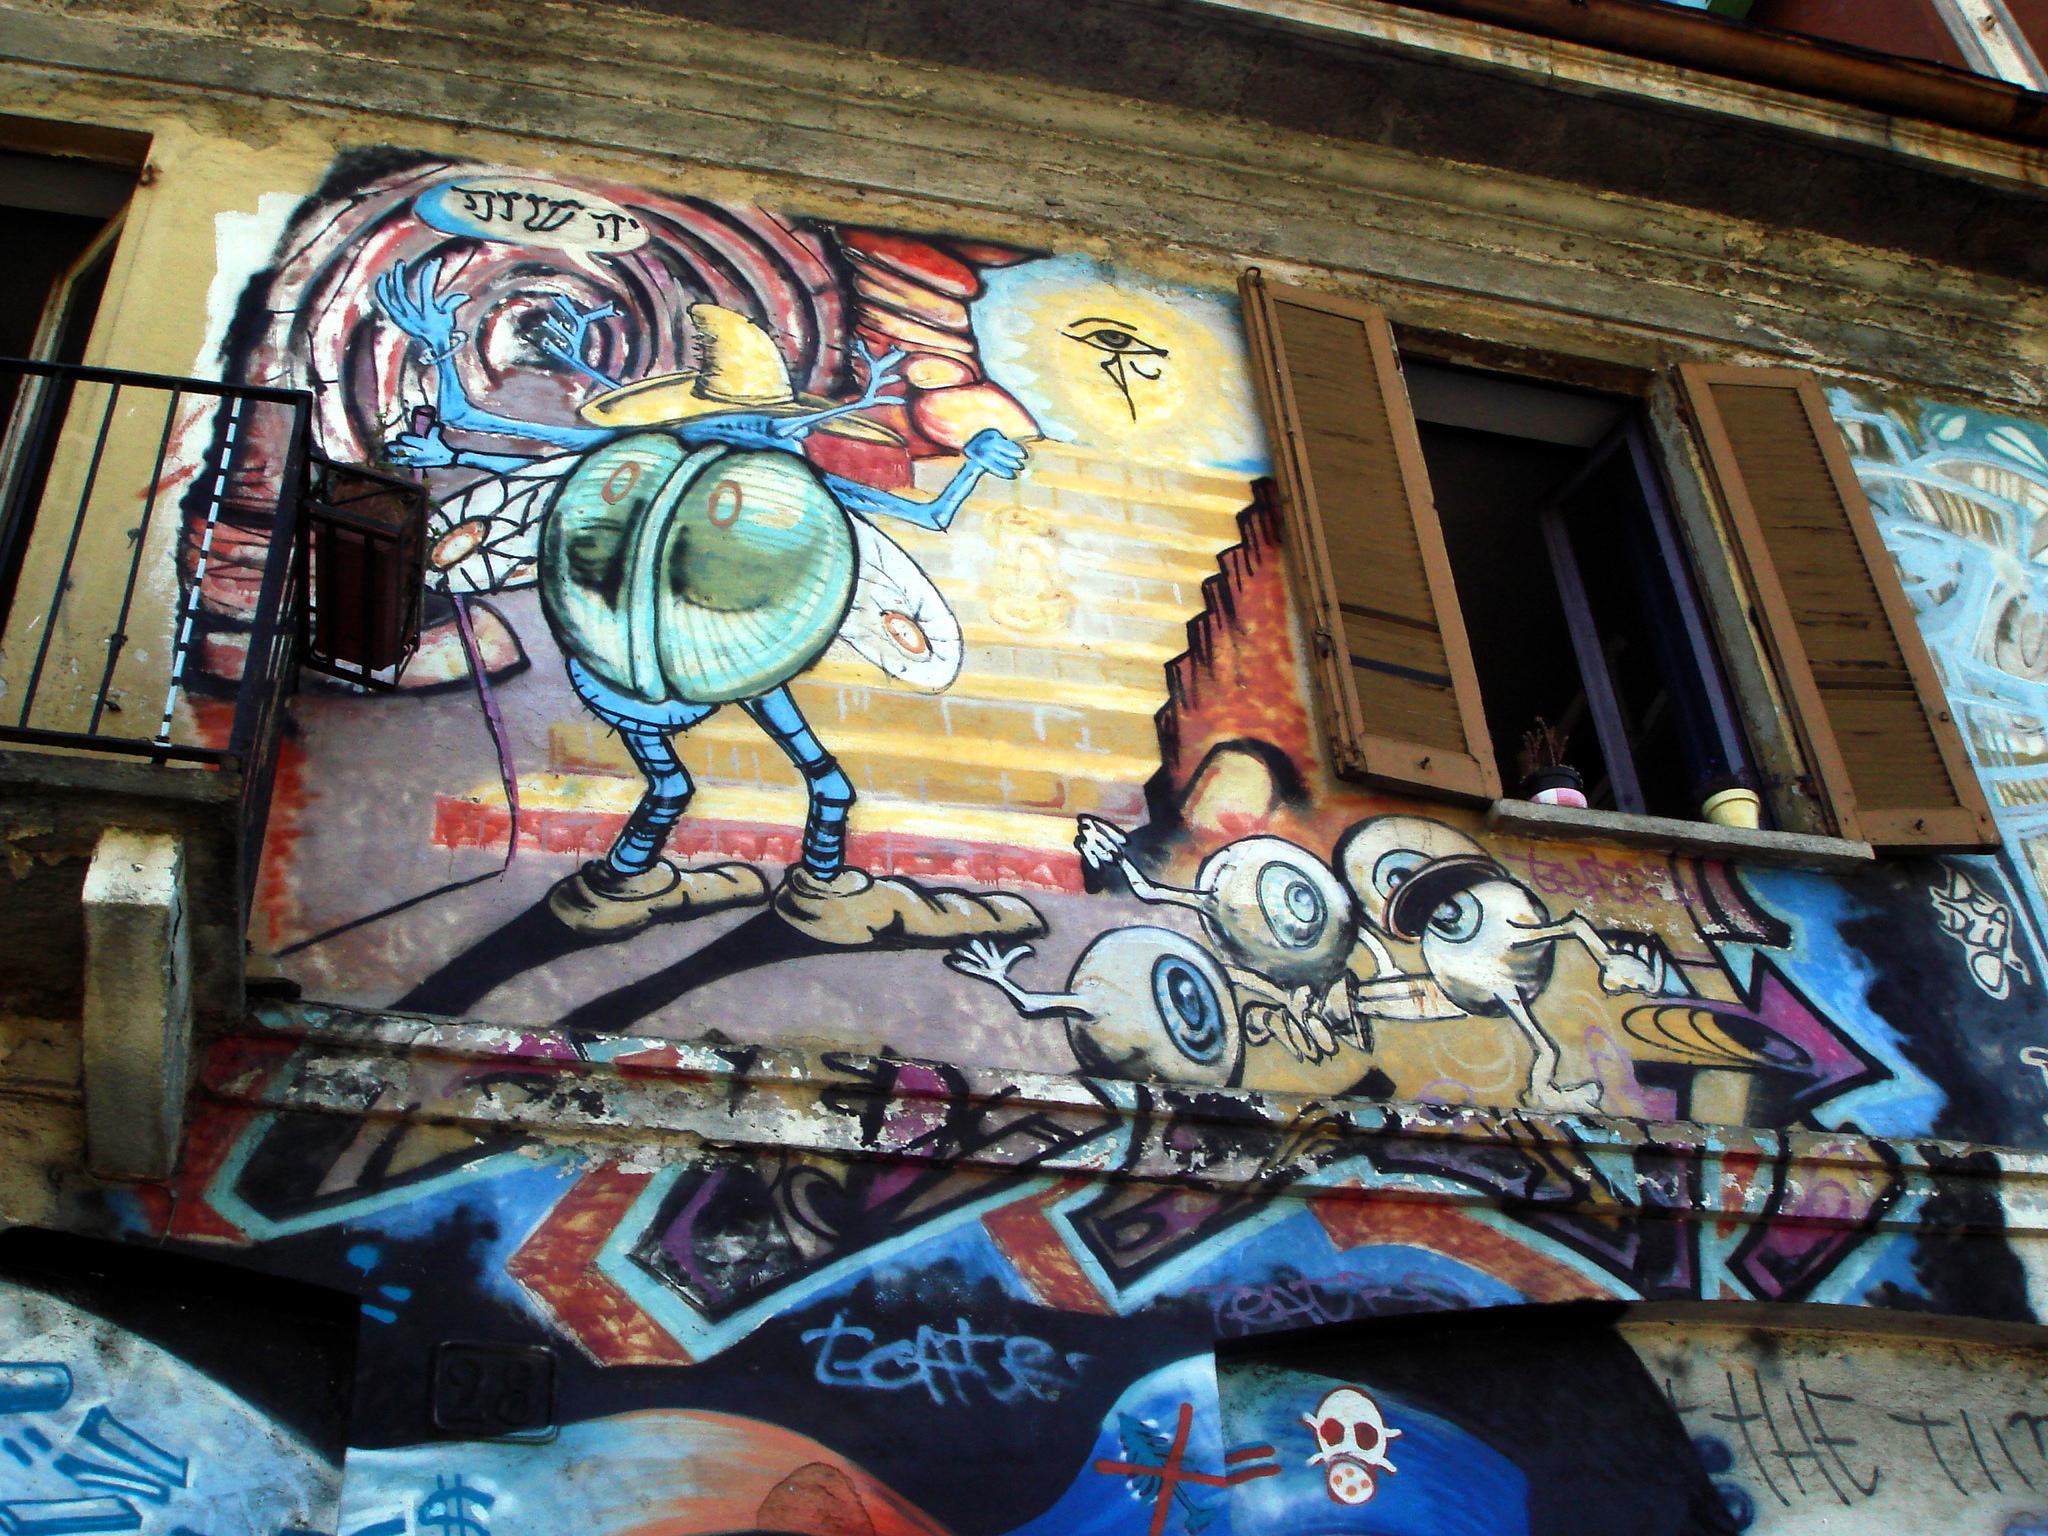 File4056 Milano Graffiti Su Casa Occupata Alla Darsena Foto - Graffitis-en-casa